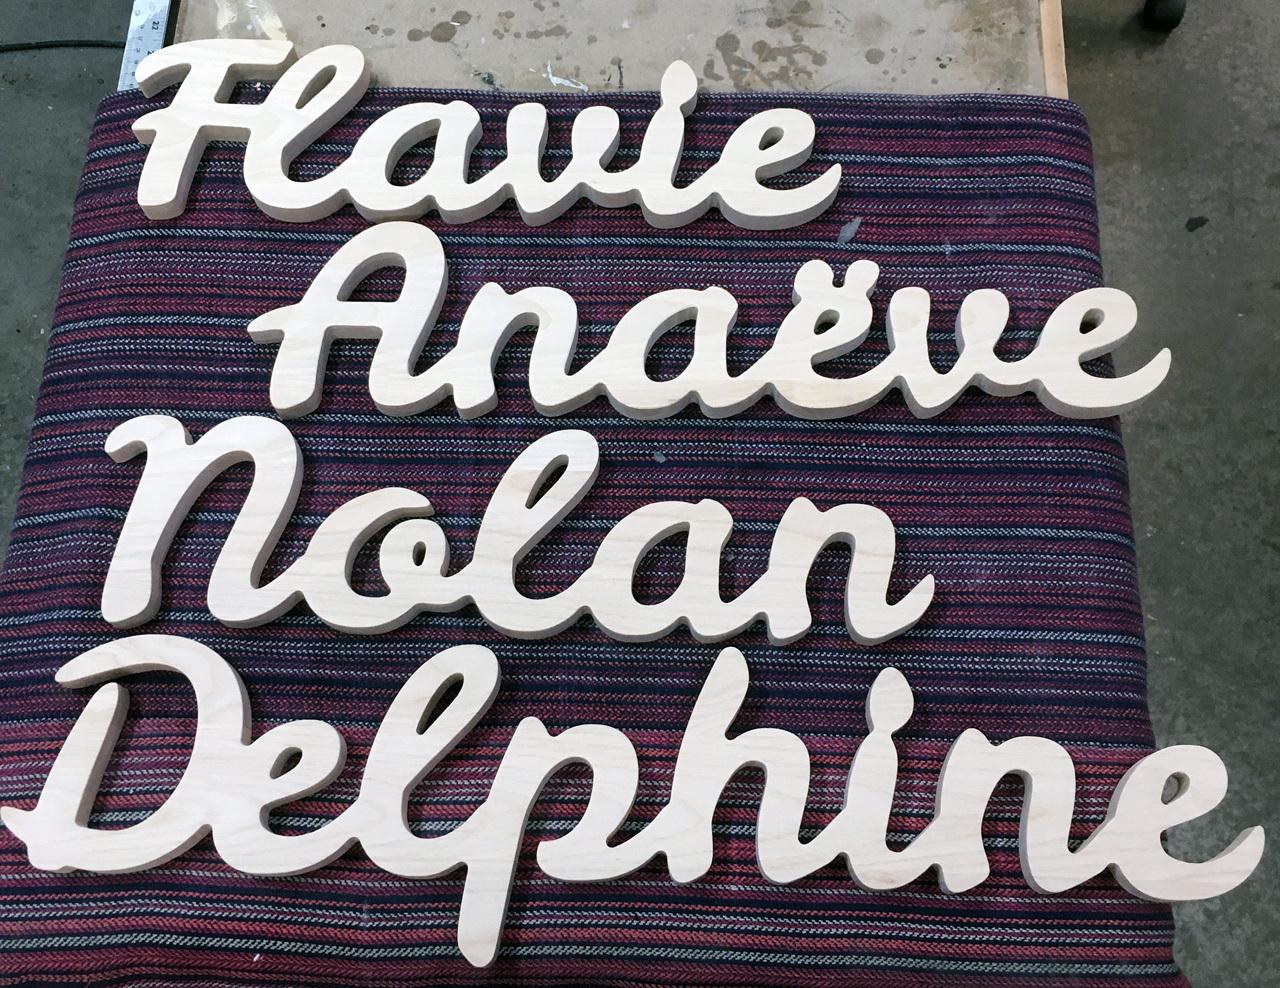 Flavie-Anaeve-Nolan-Delphine